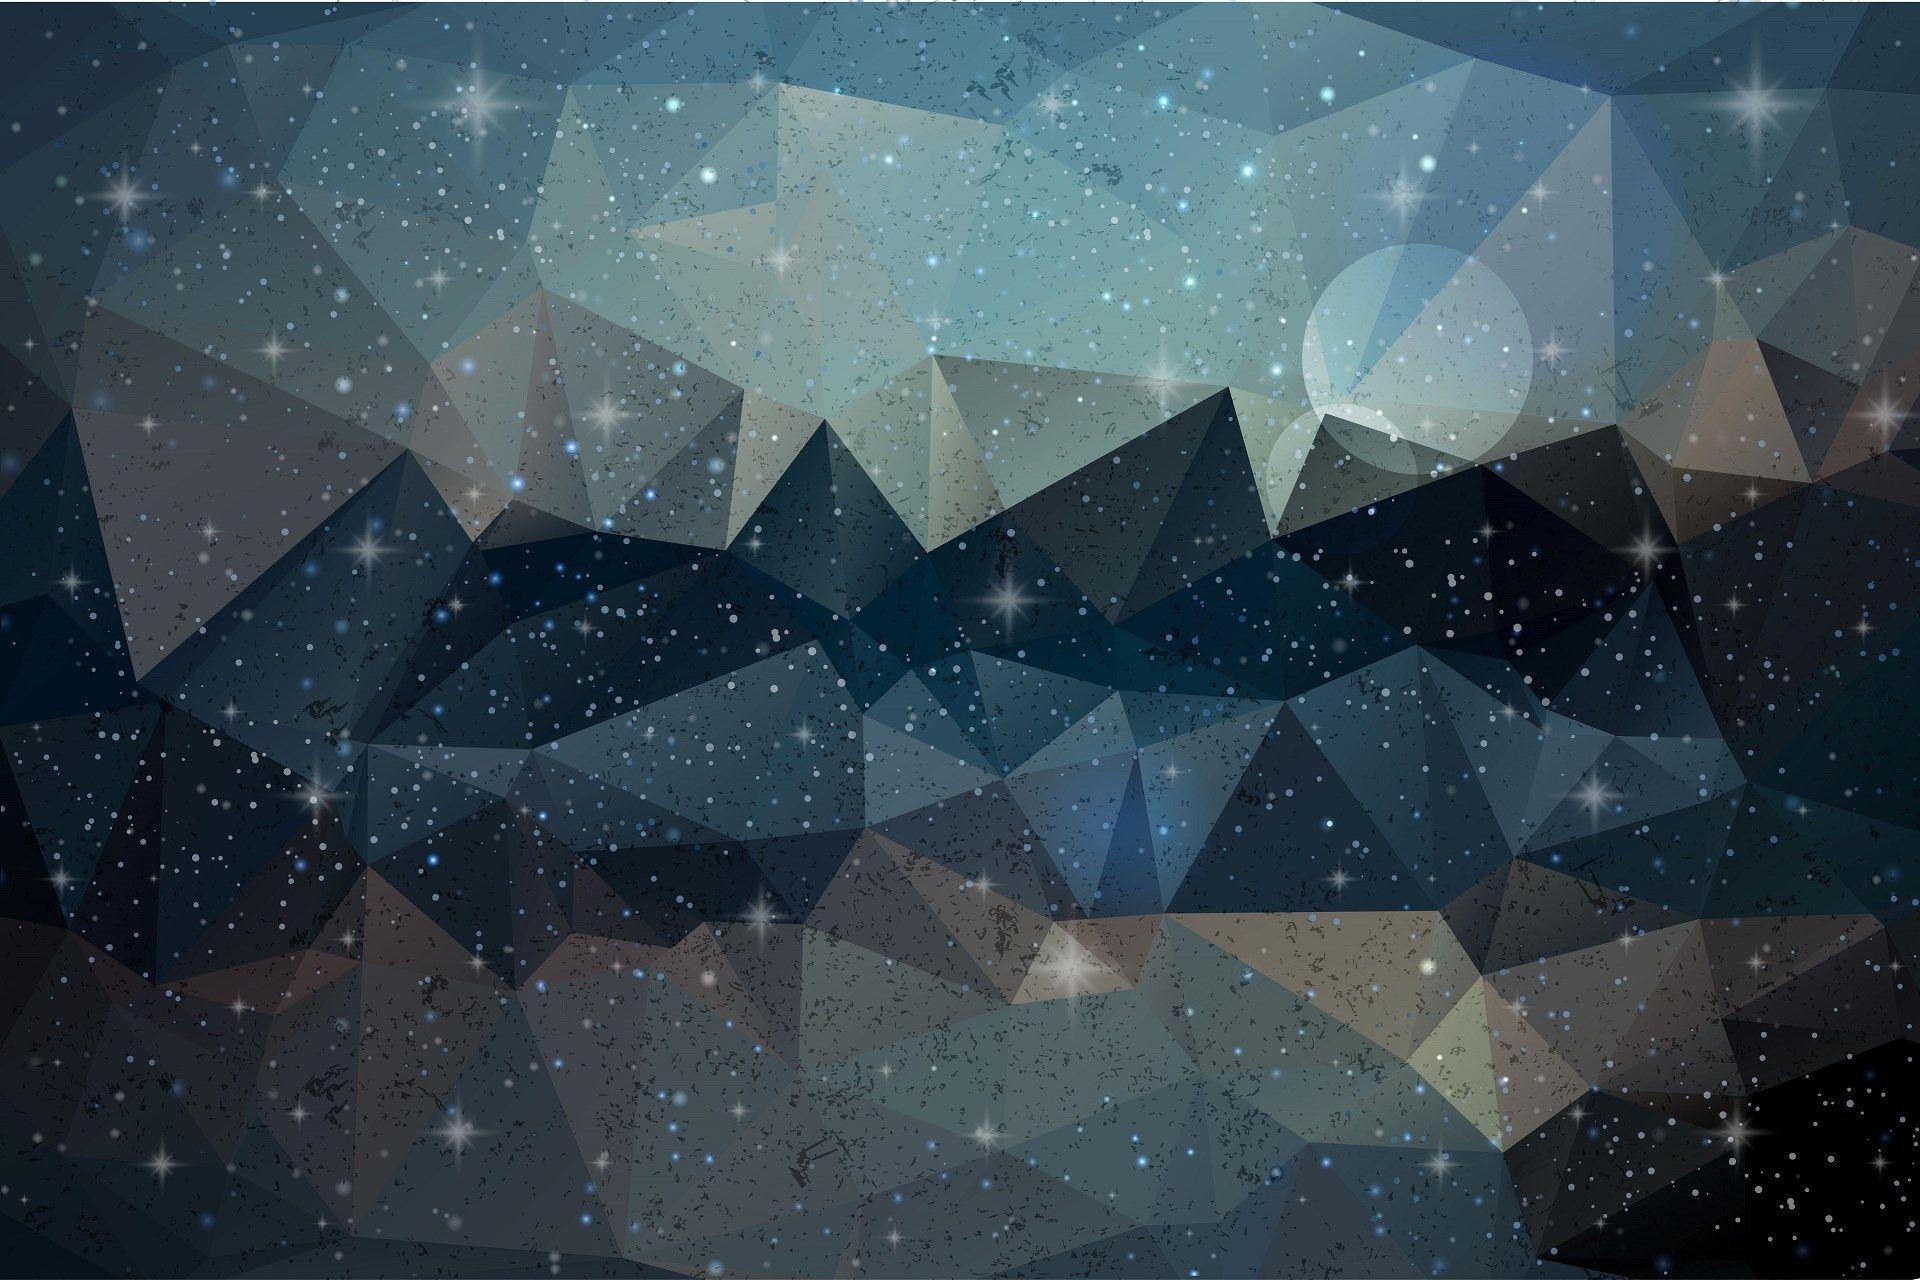 1920x1280 High Resolution Wallpapers Widescreen Triangle High Resolution Wallpapers Abstract Wallpaper Backgrounds